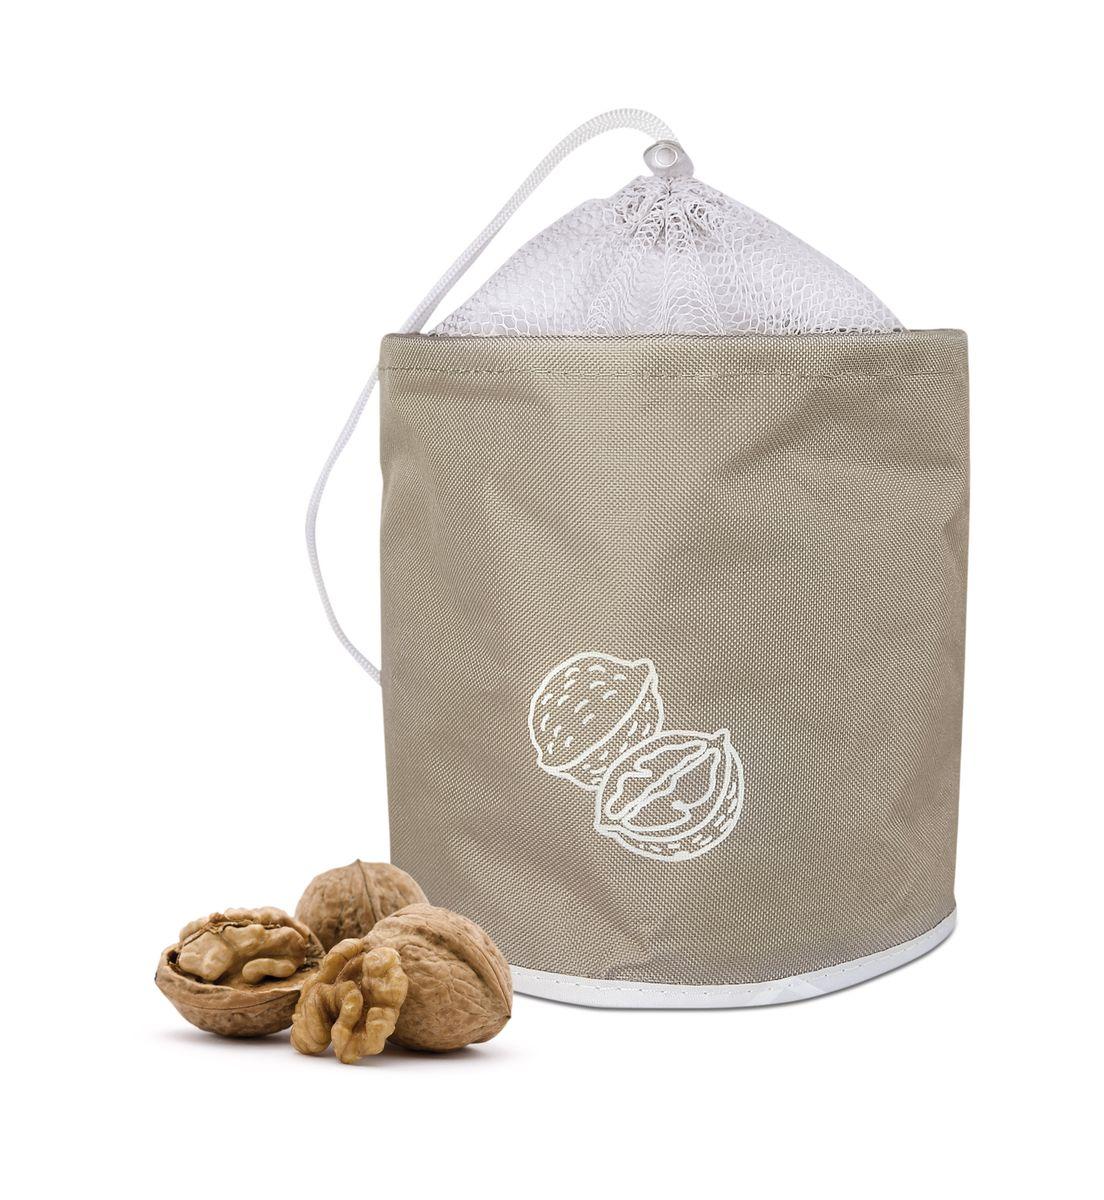 Сумка для хранения орехов Iris, до 3 кг, цвет: бежевыйI9512-TСохраните Ваши орехи свежими! Сумка довольно вместительная, может держать до 5 кг. Очень компактная, складывается как обычный тряпичный пакет. Цвет - бежевый